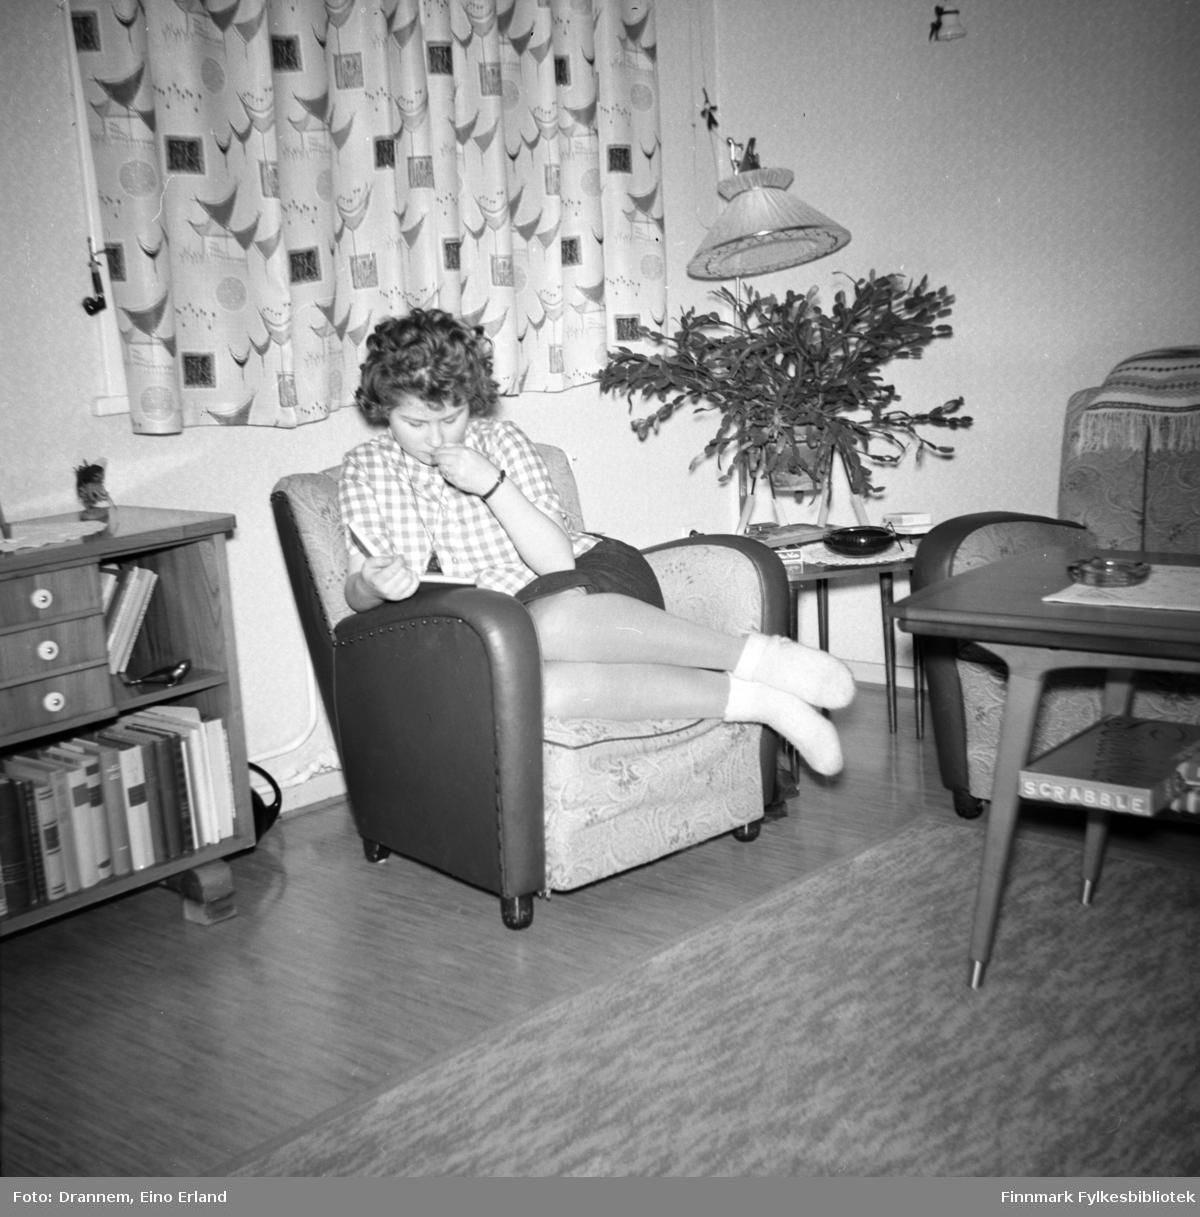 Turid Karikoski sitter og leser i stua hjemme i familiens leilighet i Hammerfest.